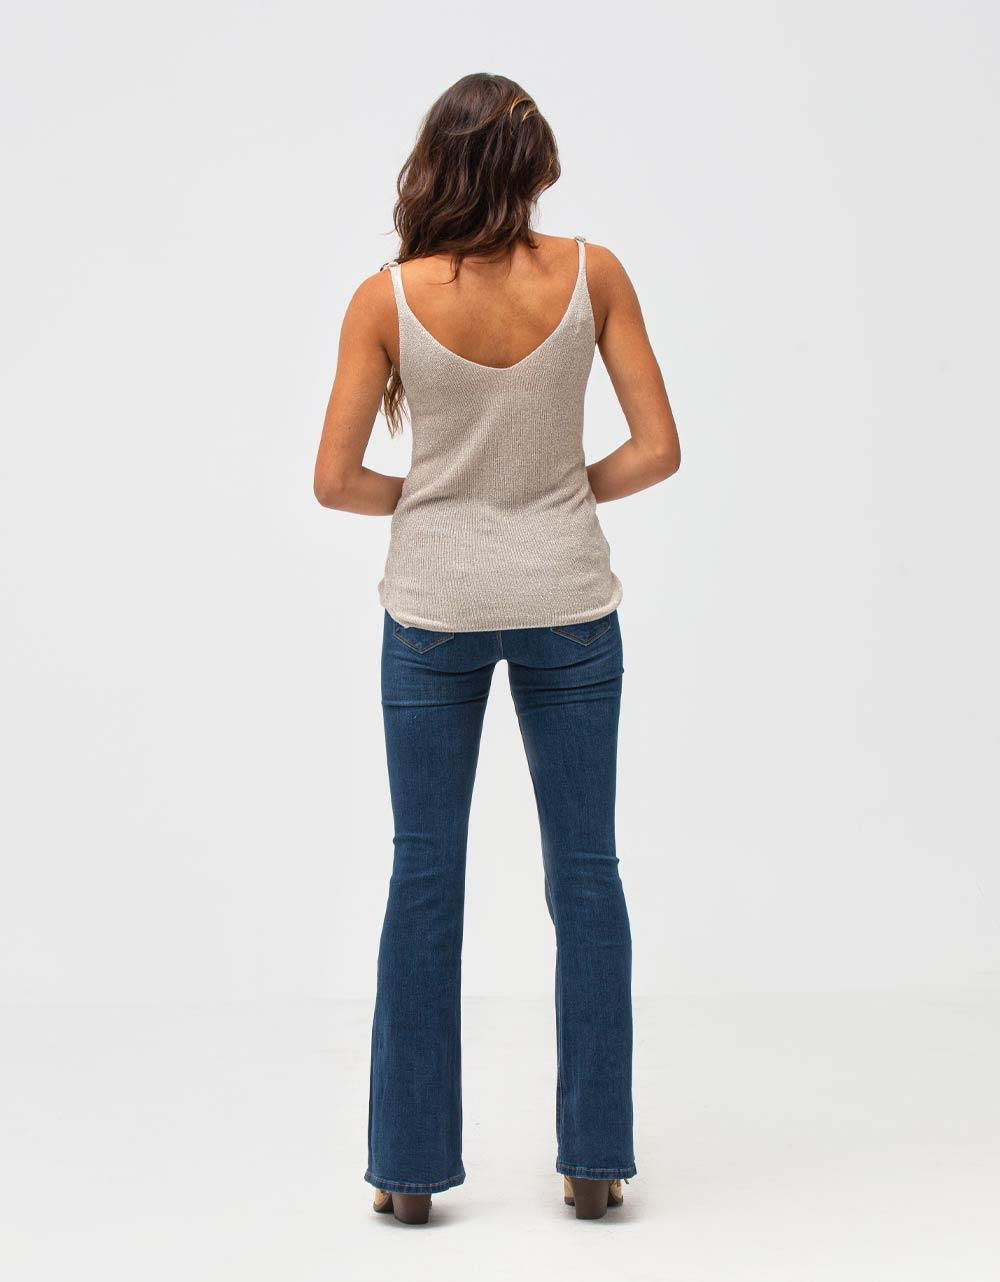 Εικόνα από Γυναικεία μπλούζα τοπ τιραντάκι lurex Μπεζ